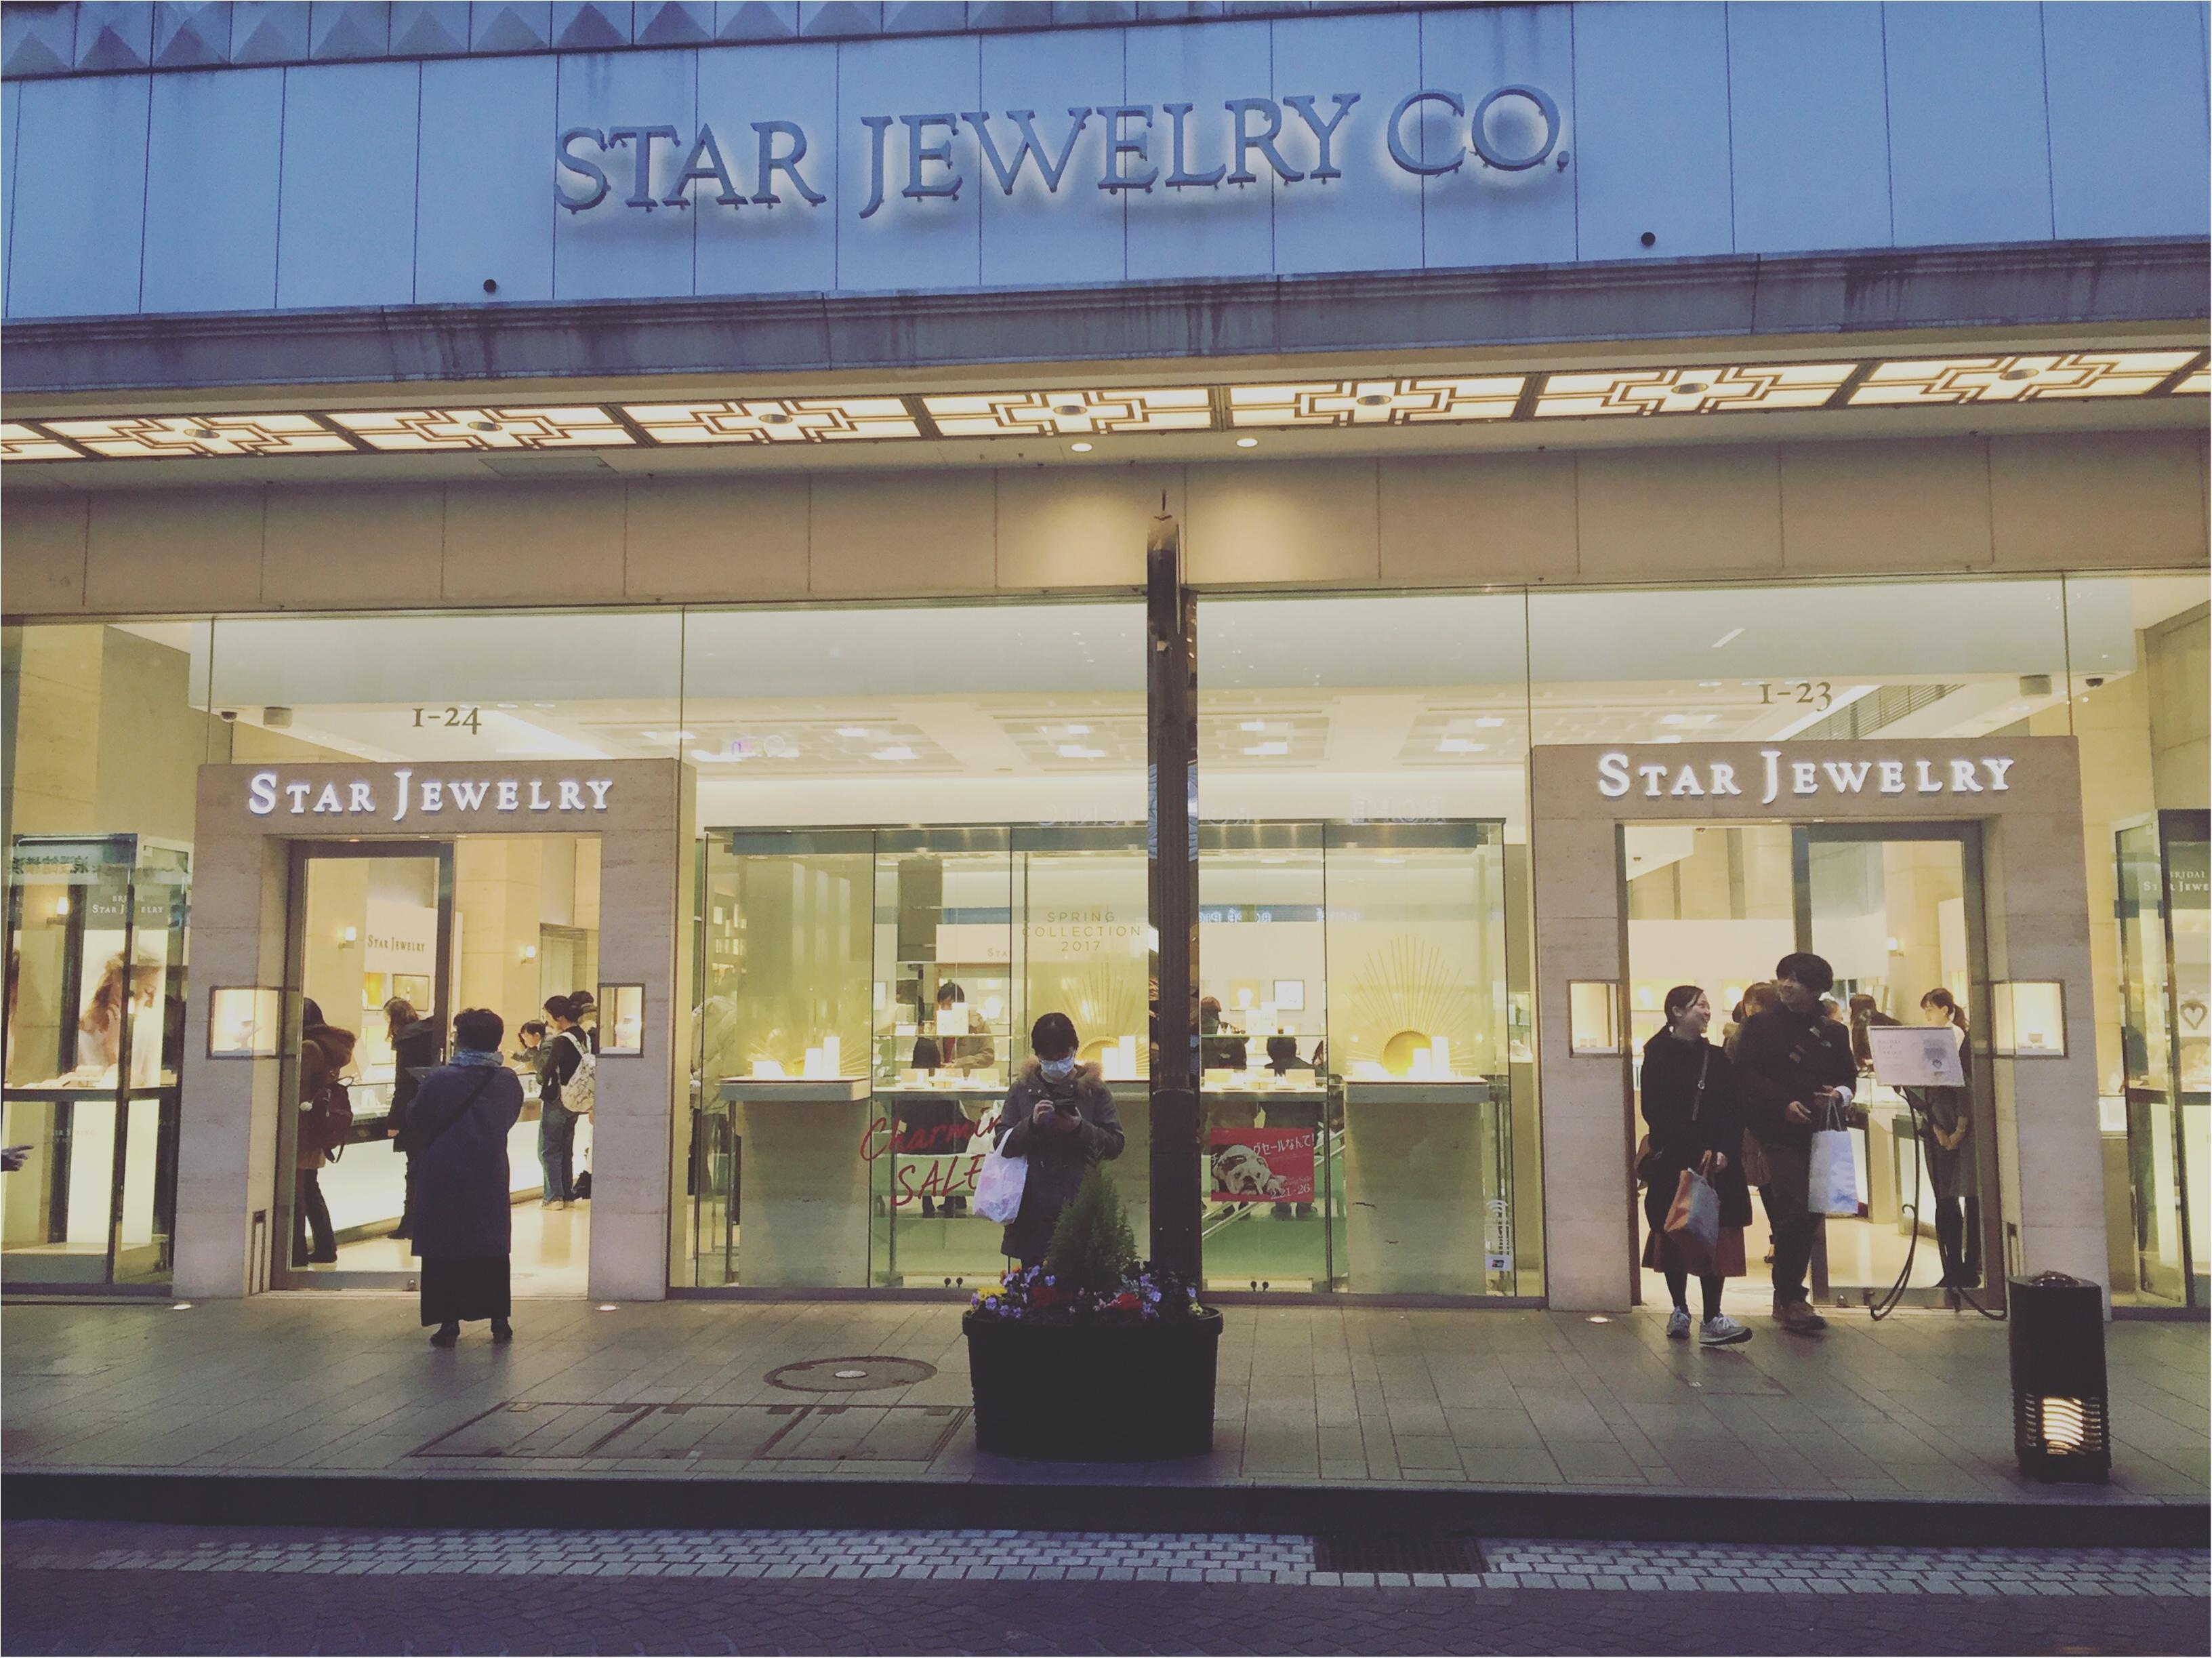 【STAR JEWELRY】ジュエリーを30〜50%OFFで購入できるSALEがあるって知ってる??≪samenyan≫_6